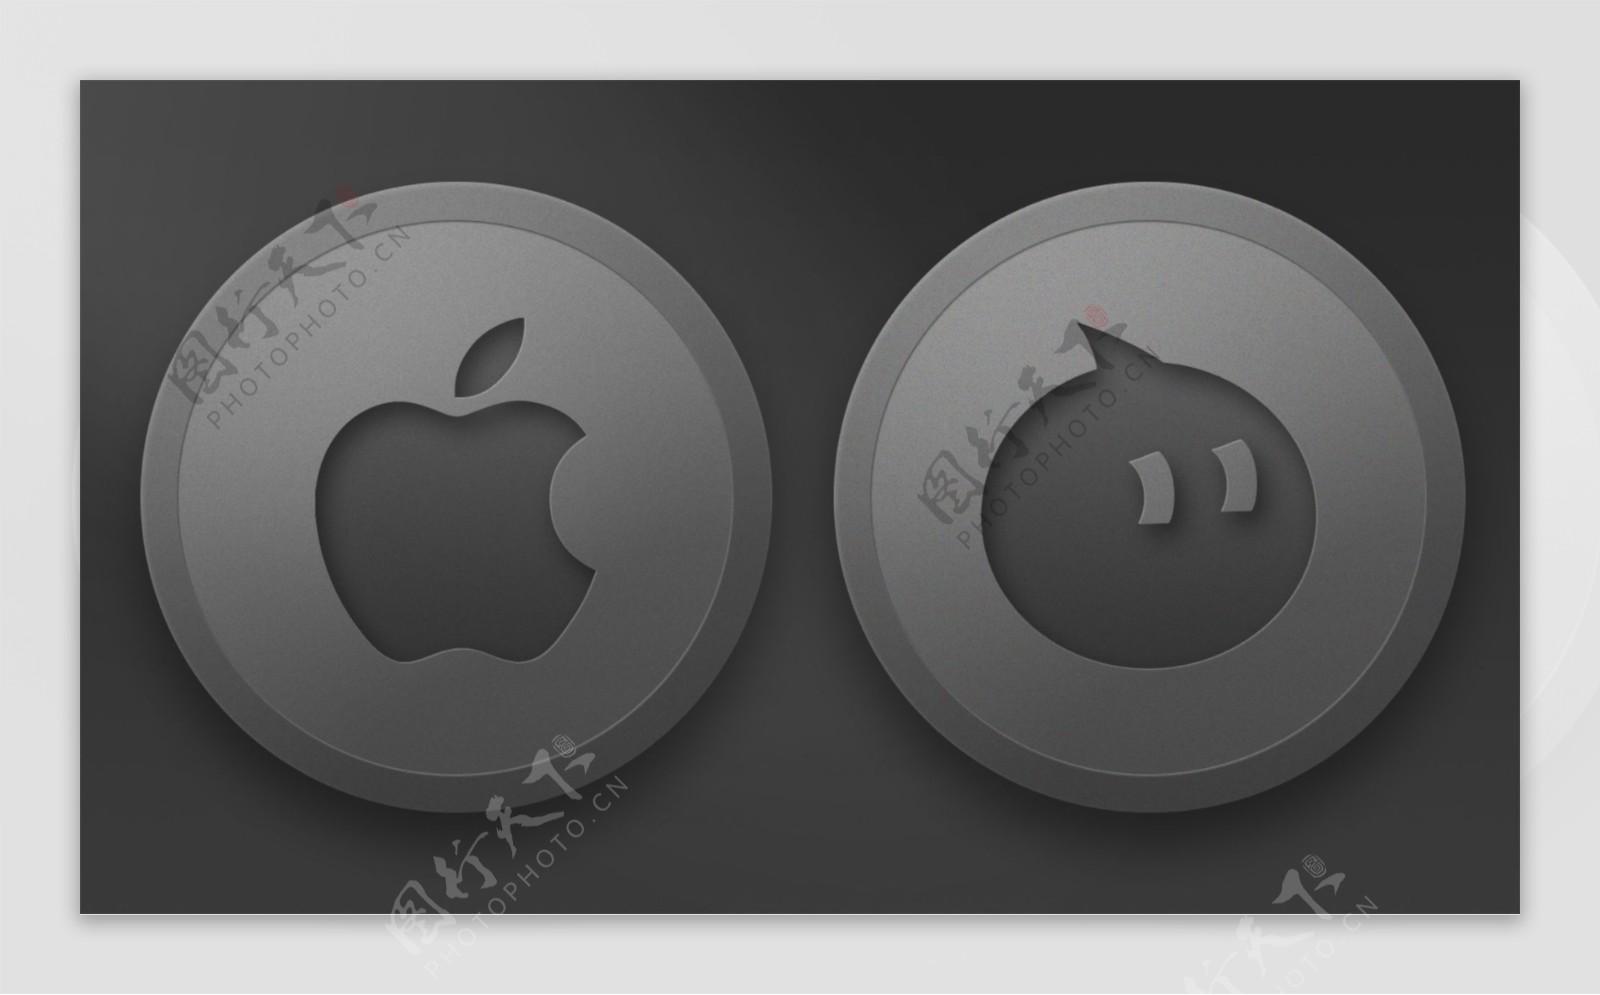 银灰色磨砂金属质感图标可套用图层样式